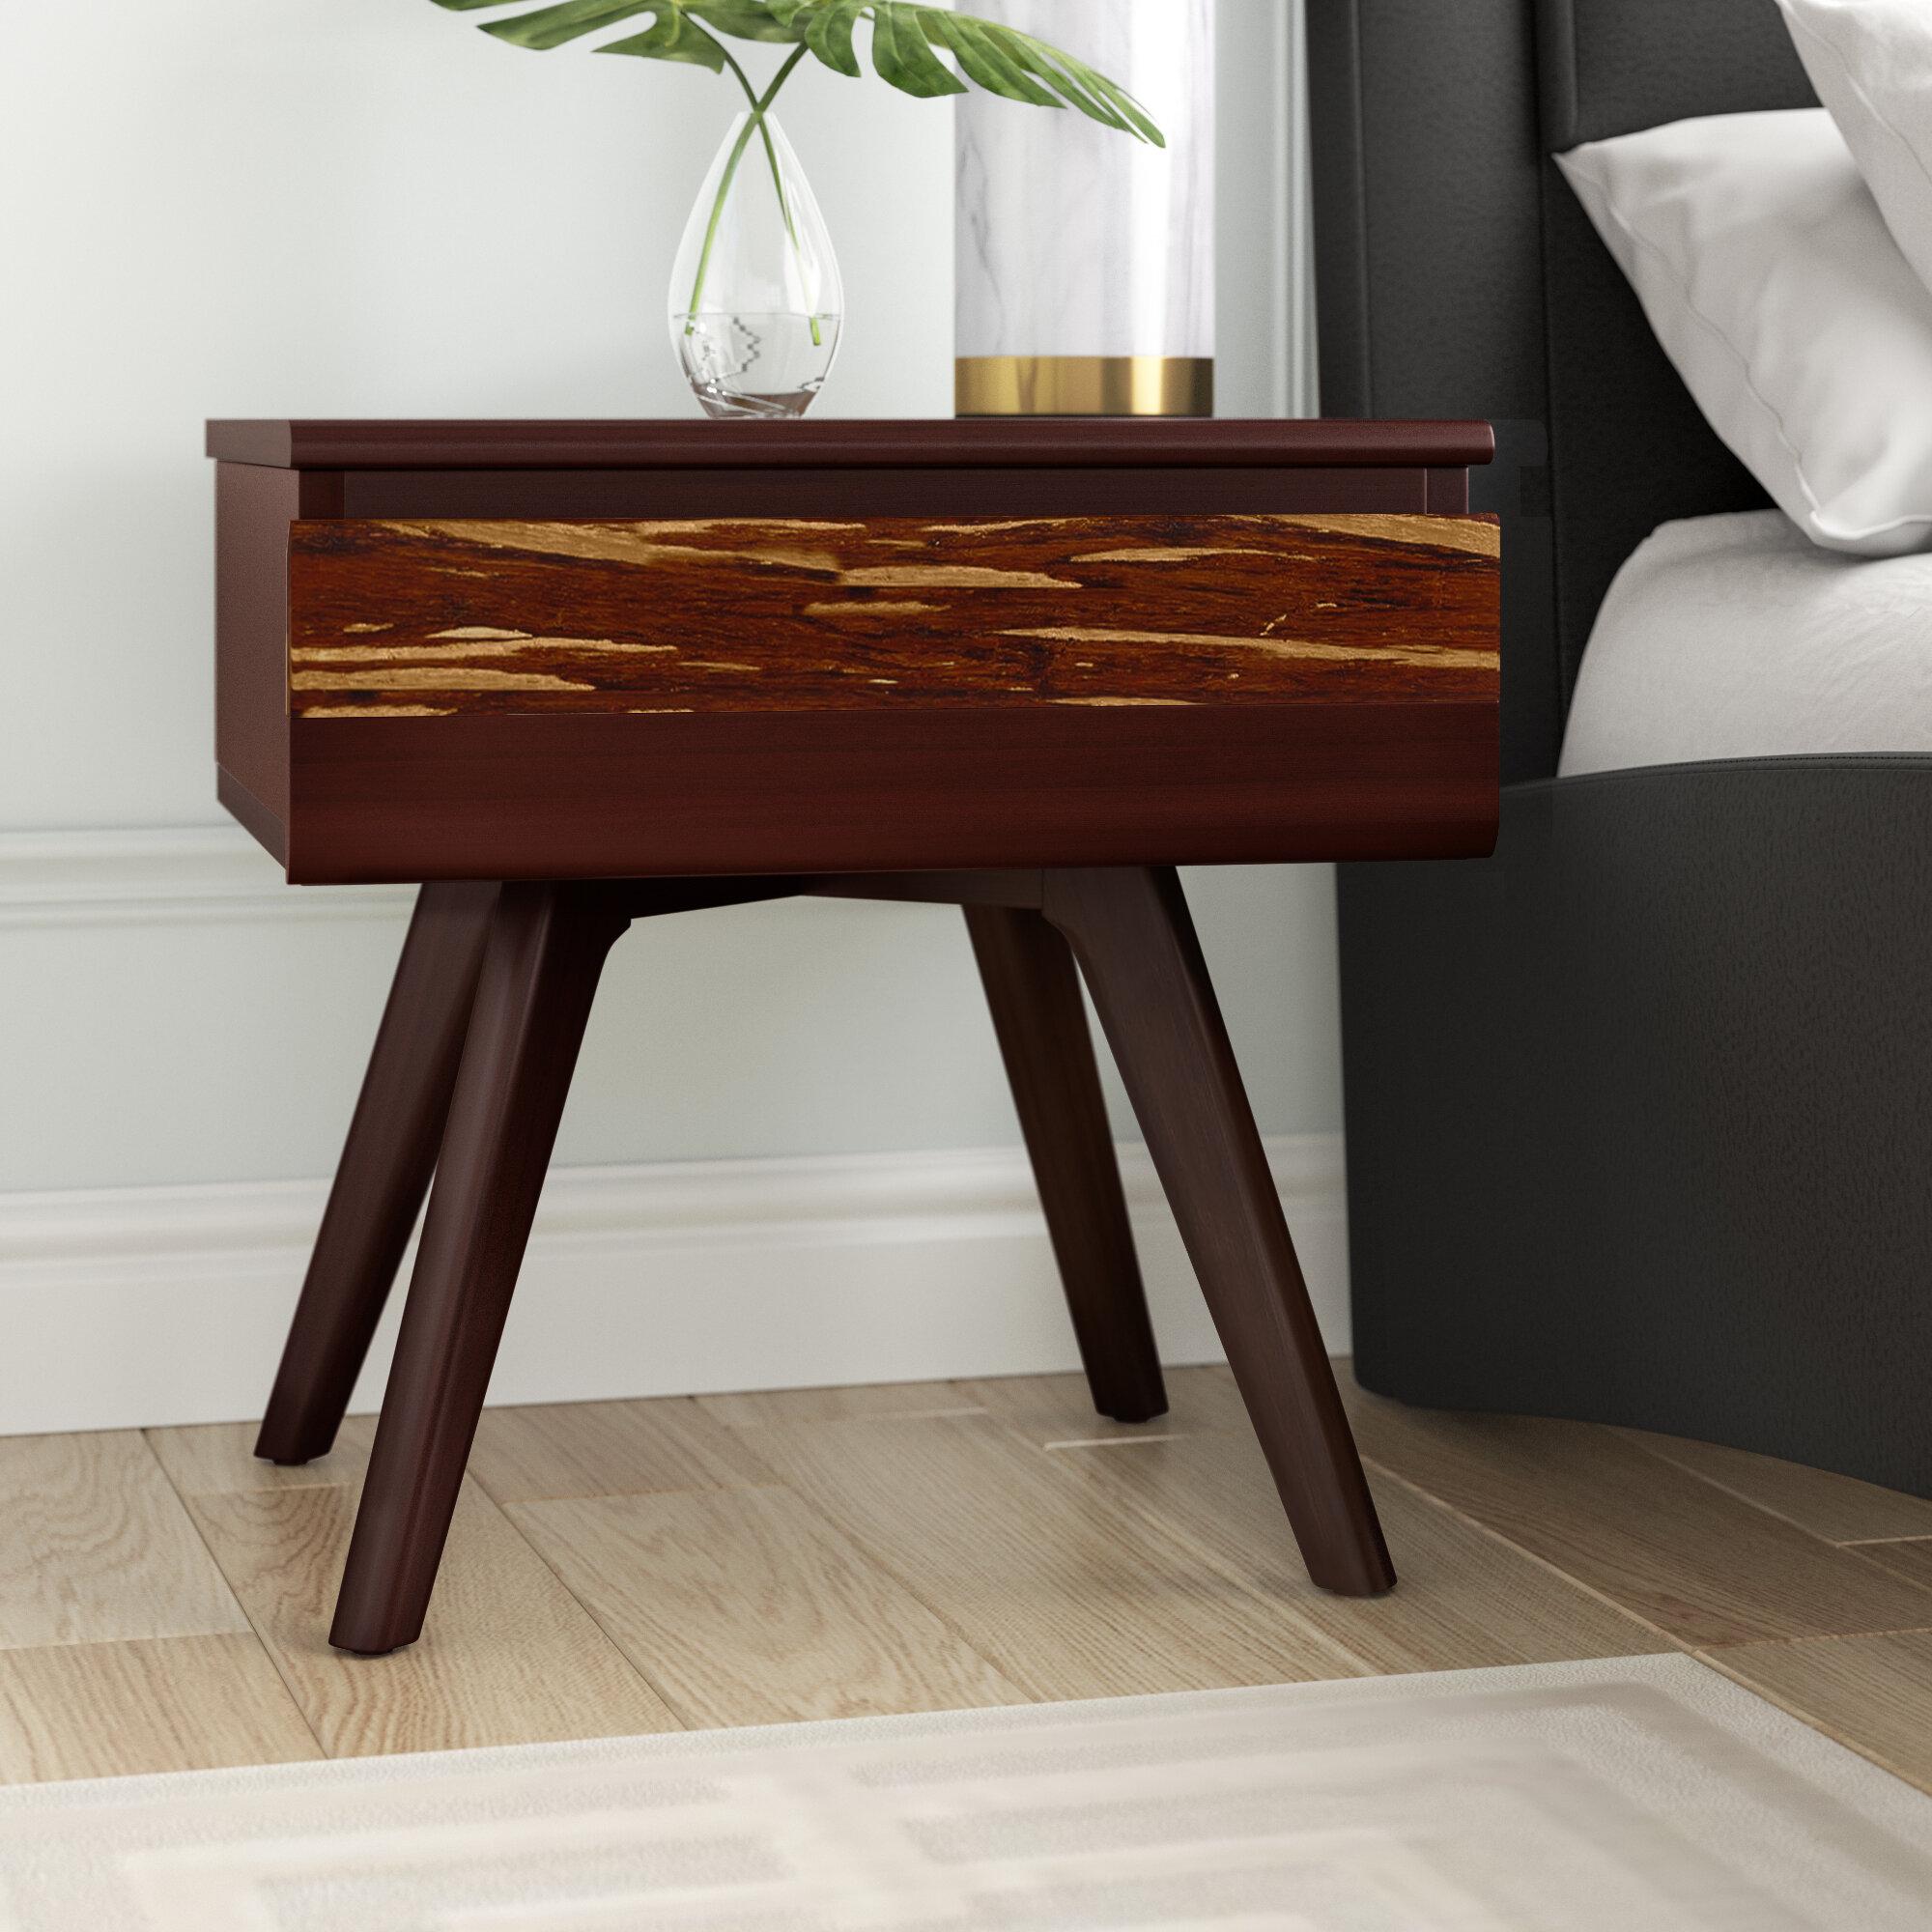 Brayden Studio Lendella 1 Drawer Solid Wood Nightstand In Brown Reviews Wayfair